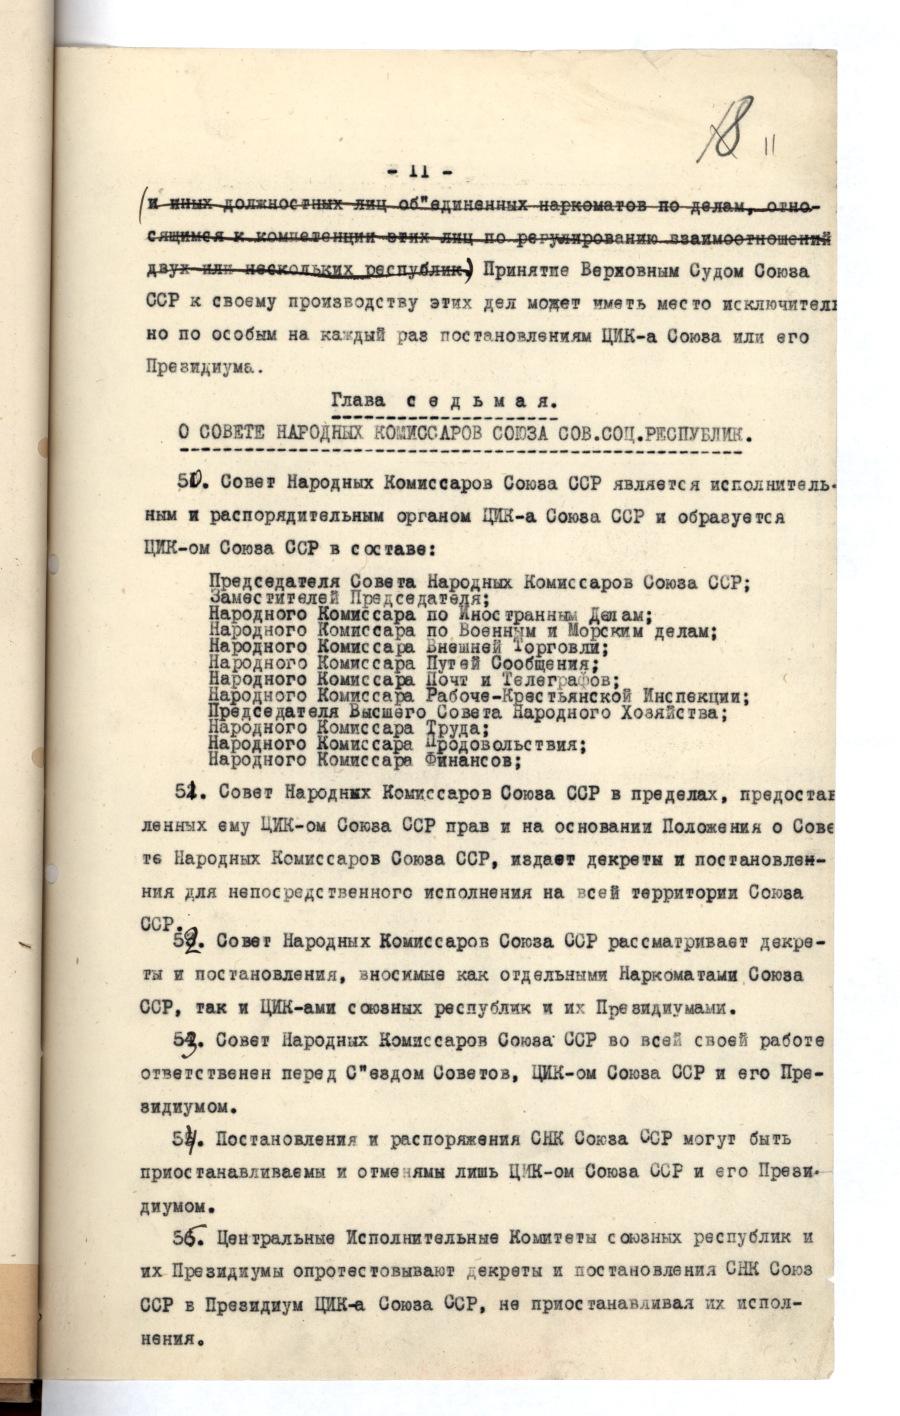 Проект основного закона (Конституции) Союза СССР 1924 года. 11 стр